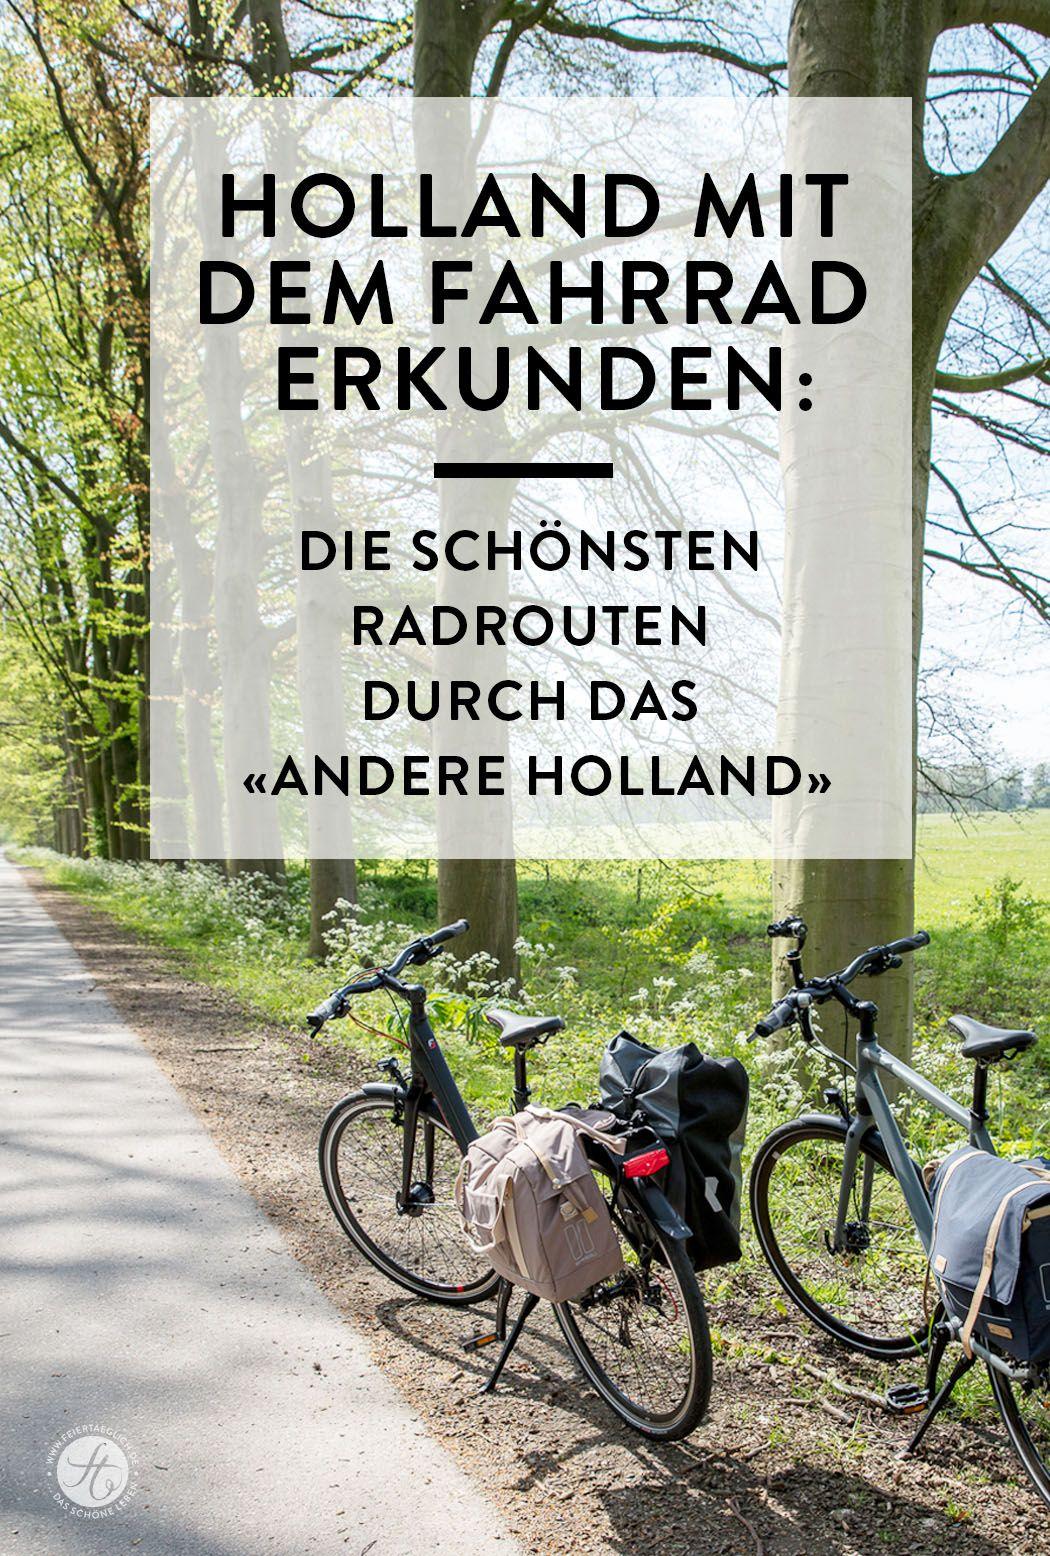 Lekker Radeln Ein Wochenende In Holland Mit Dem Fahrrad